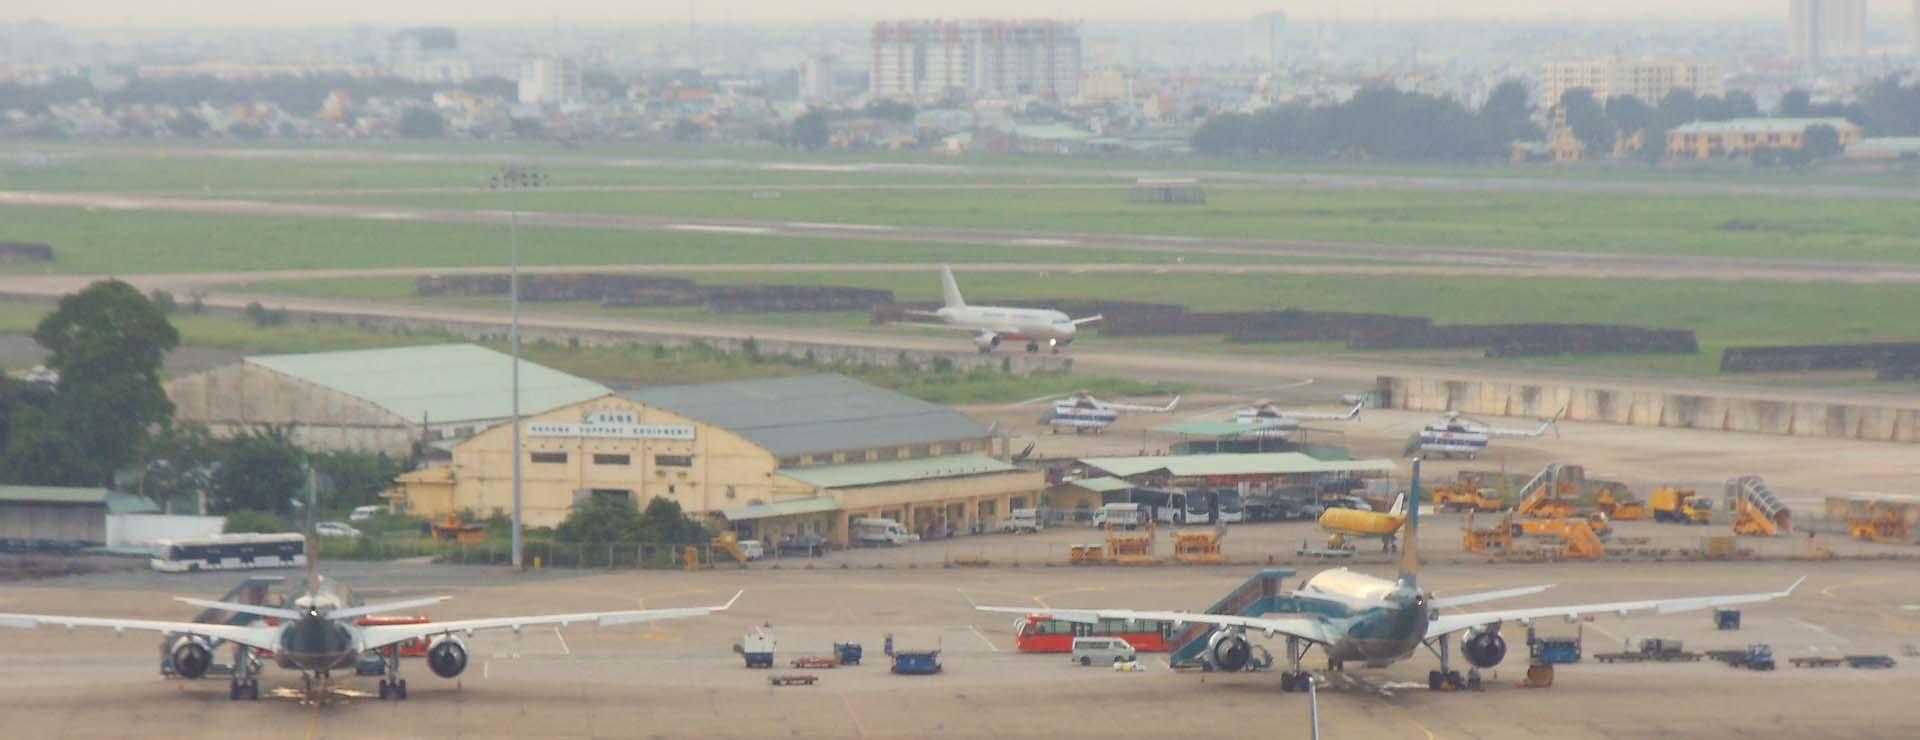 (Gửi hàng hoá từ HCM đi Phú Quốc bằng máy bay có nhiều ưu điểm nổi bật nên đang là sự lựa chọn hàng đầu của các cá nhân, doanh nghiệp)